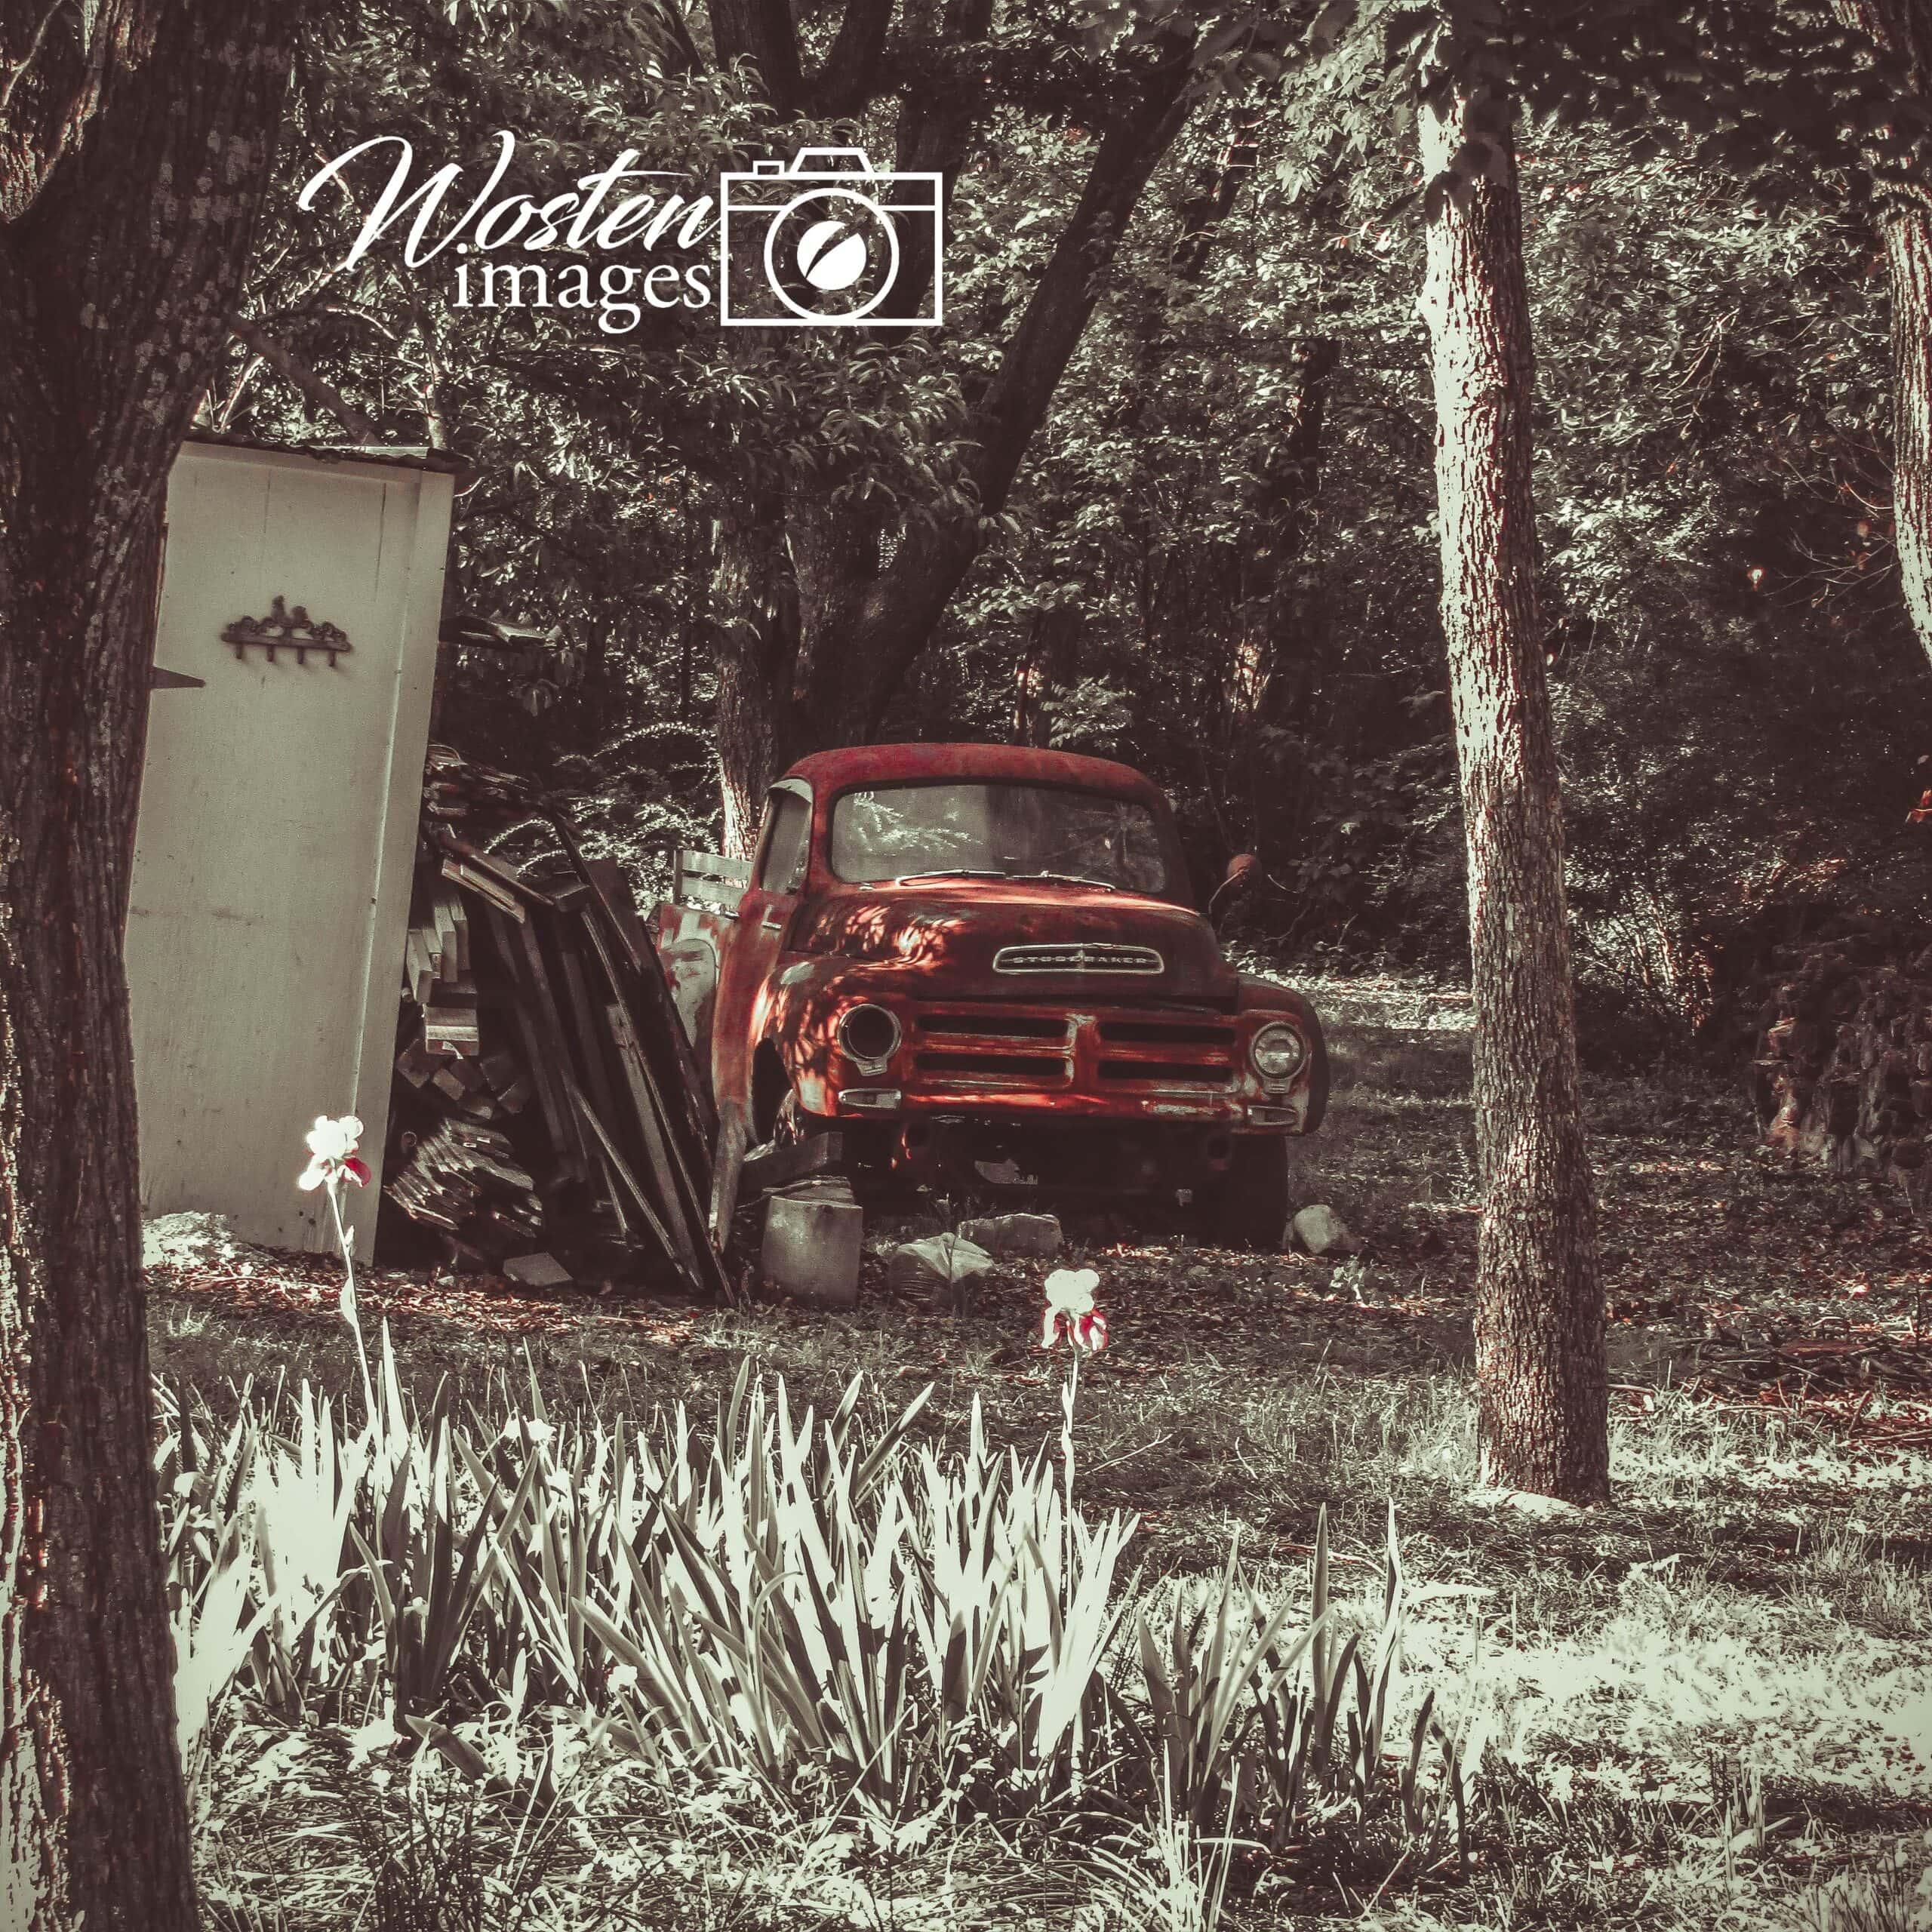 vintage truck in woods